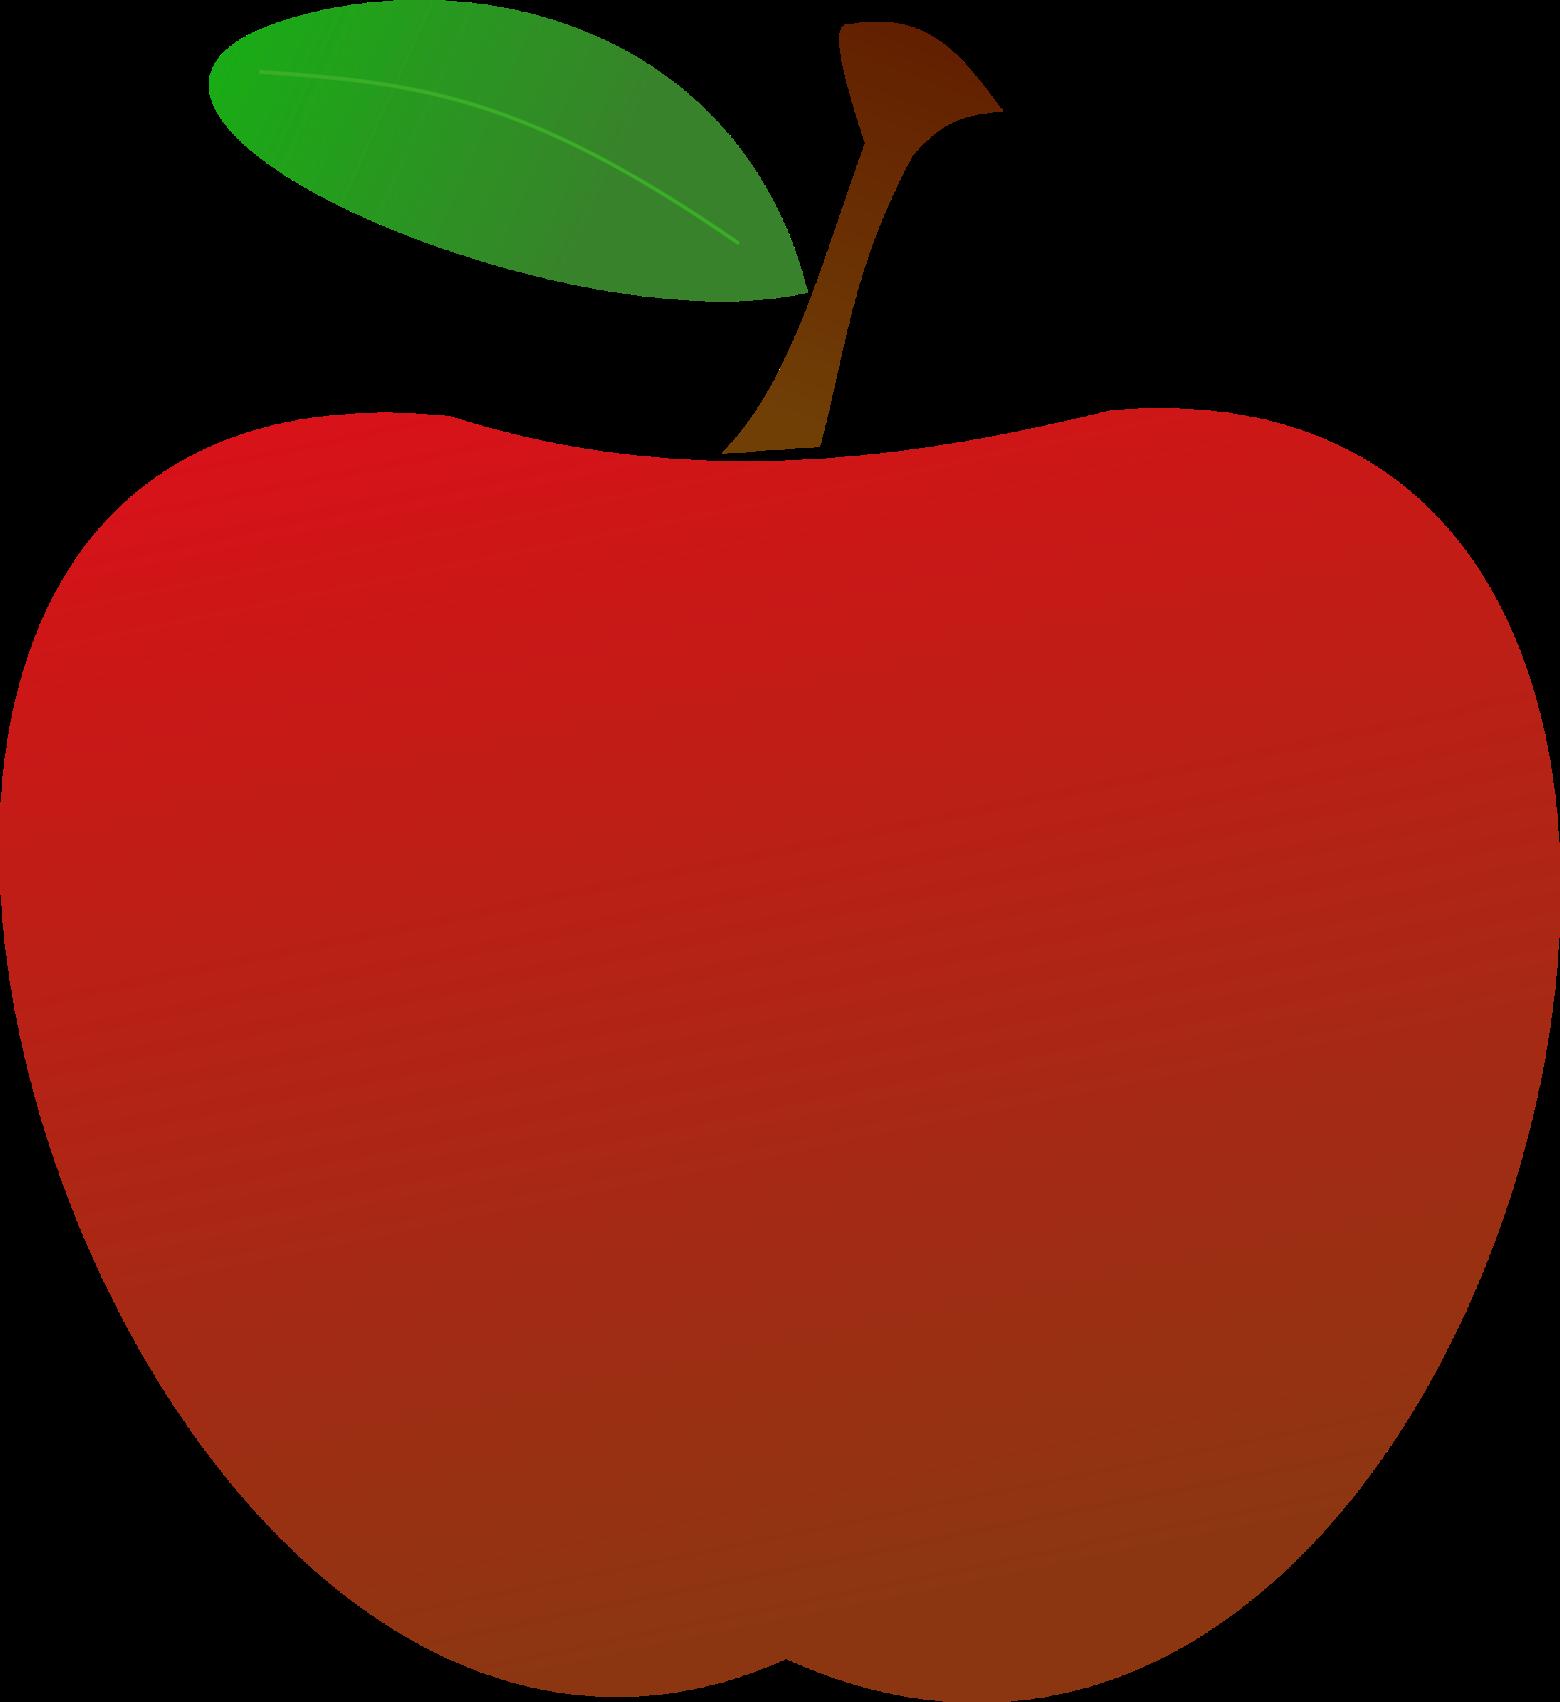 Clipart Red Apple Free Images Images Gratuites Et Libres De Droits